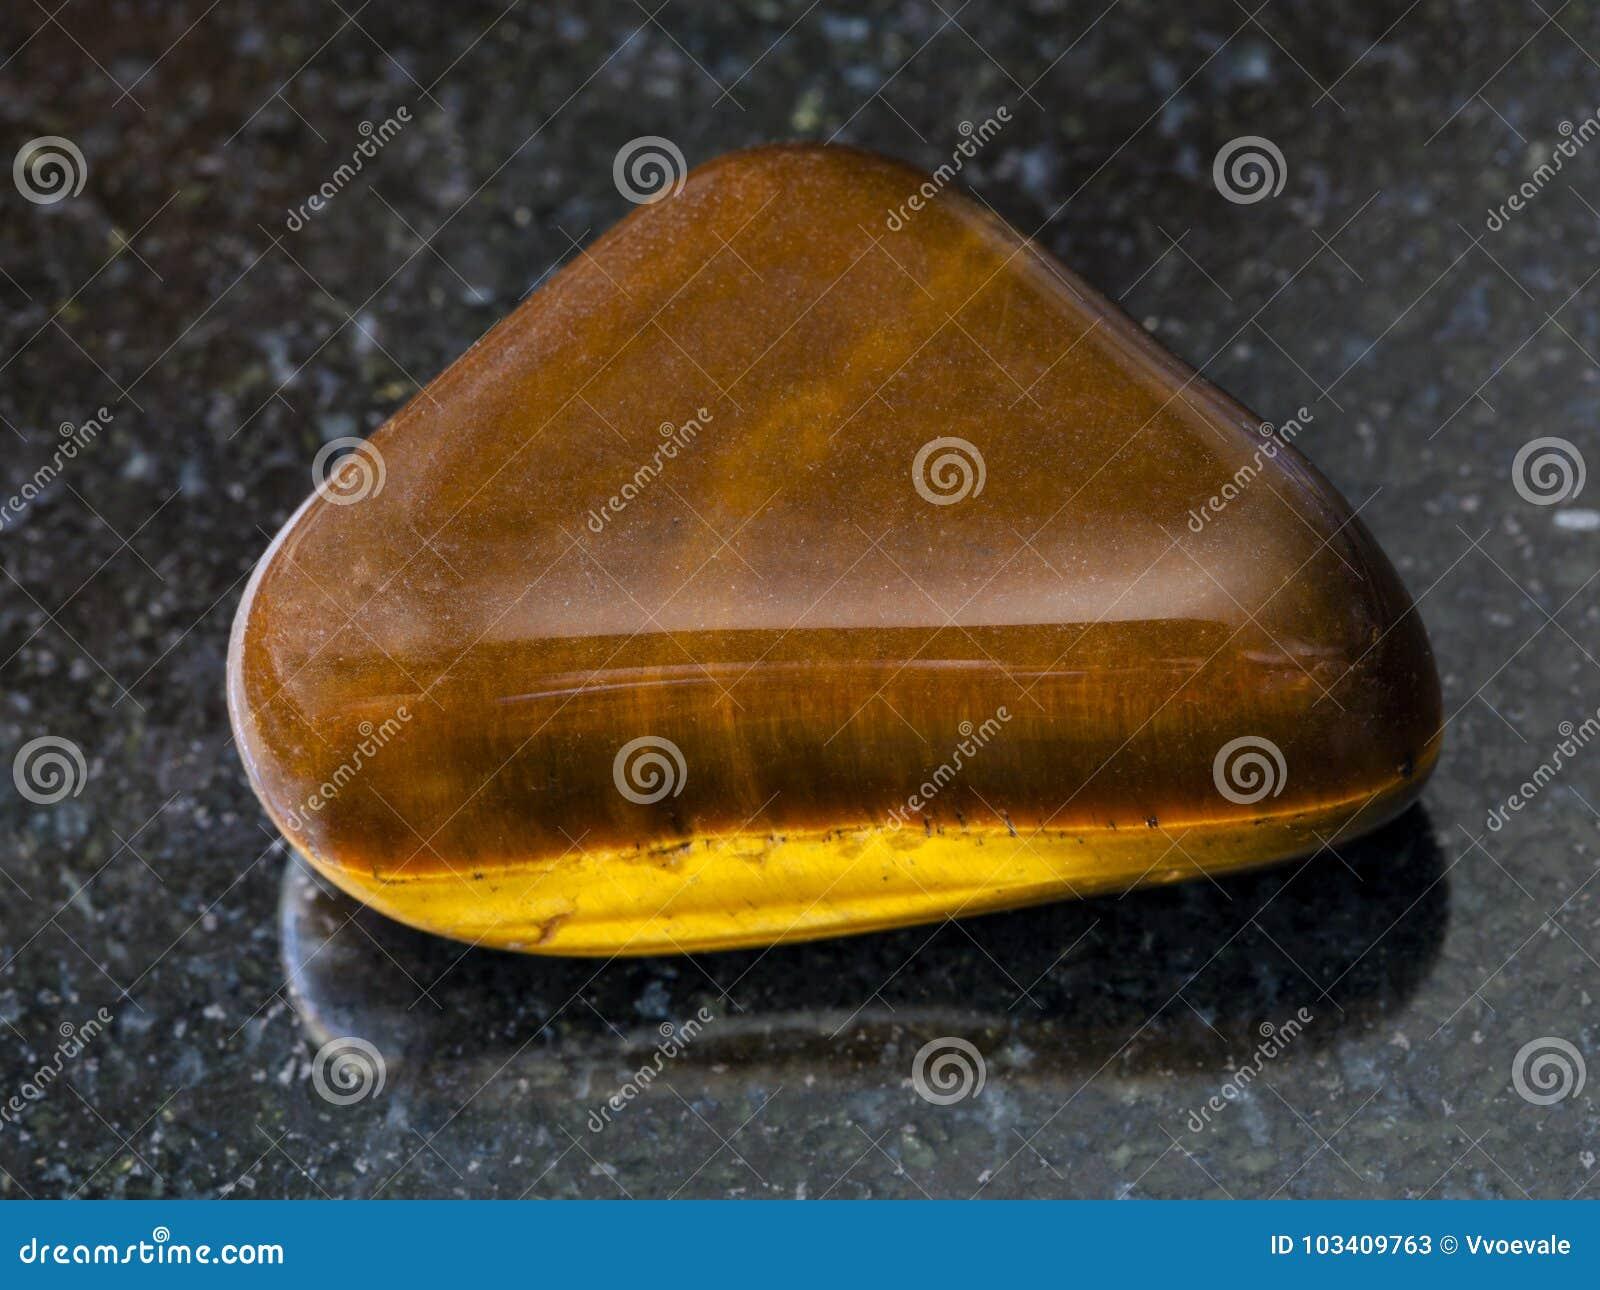 tumbled tiger eye gem stone on dark background stock image image